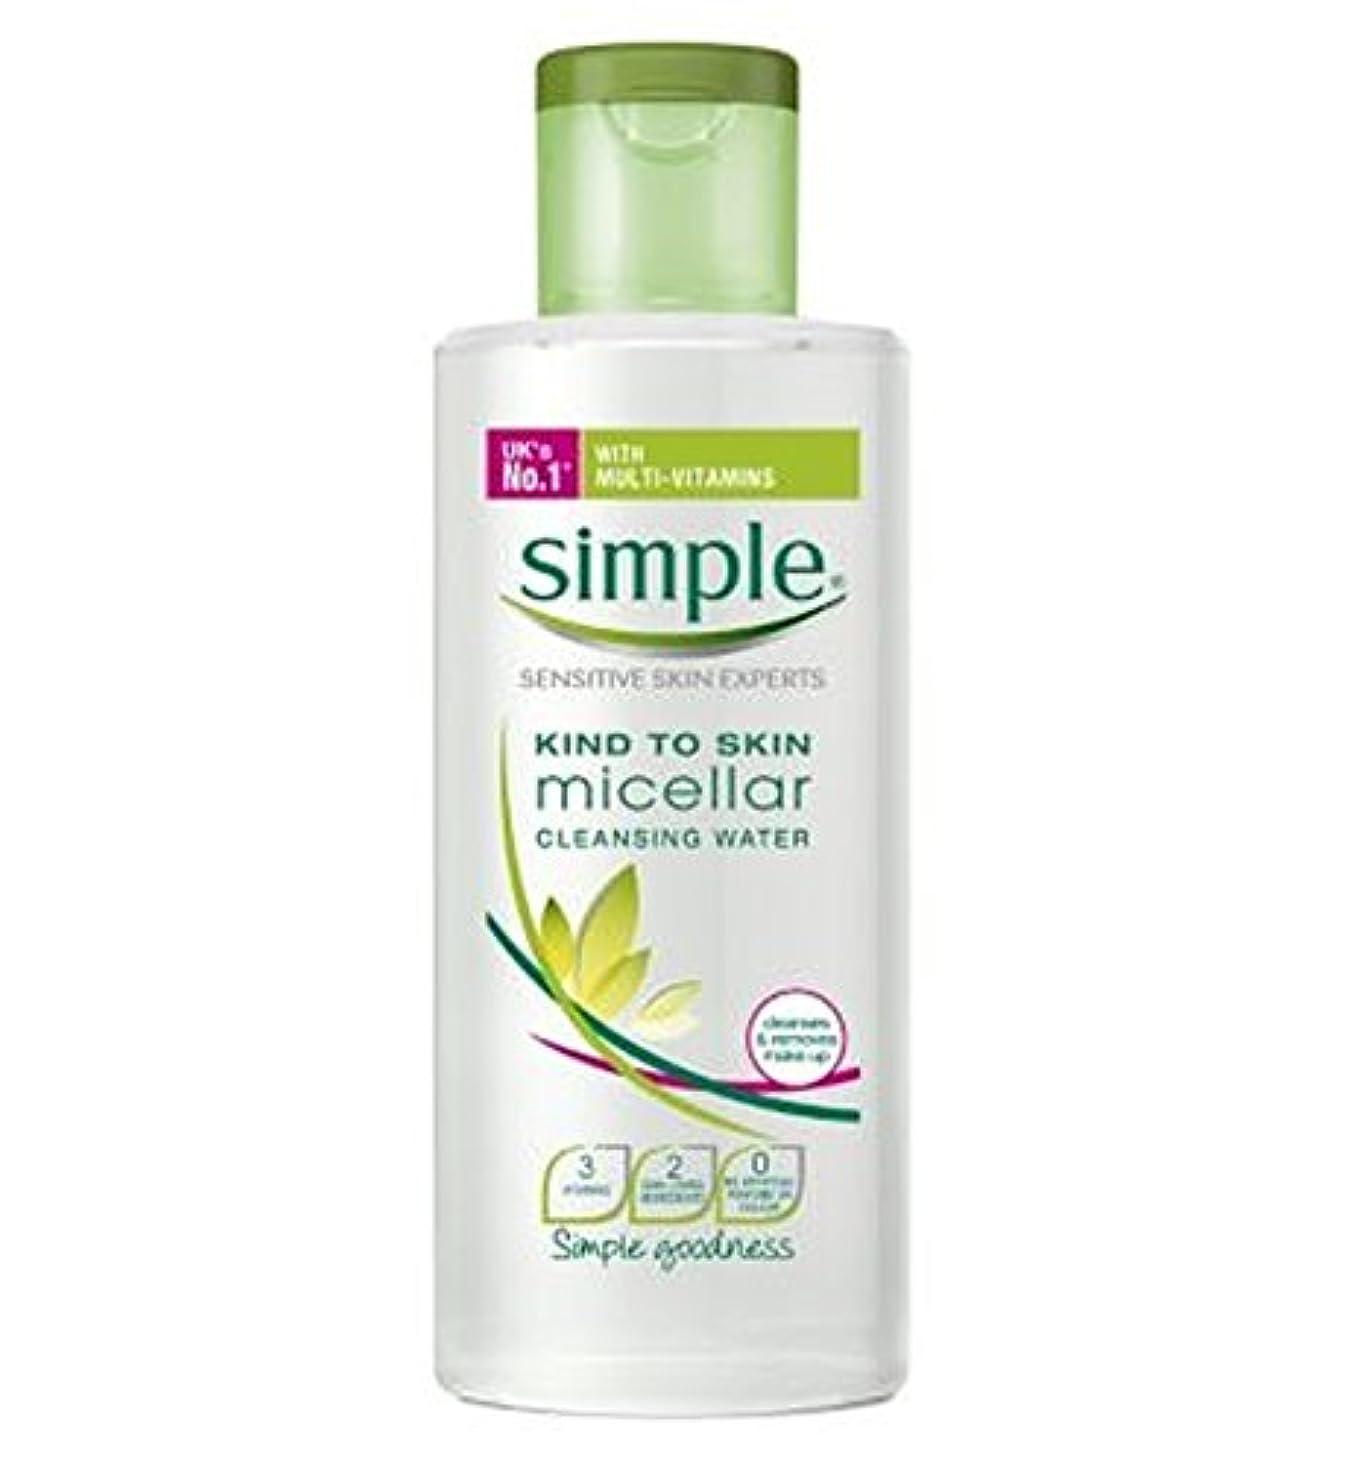 振り向く仲介者無しSimple Kind To Skin Micellar Cleansing Water 200ml - 皮膚ミセル洗浄水200ミリリットルに簡単な種類 (Simple) [並行輸入品]